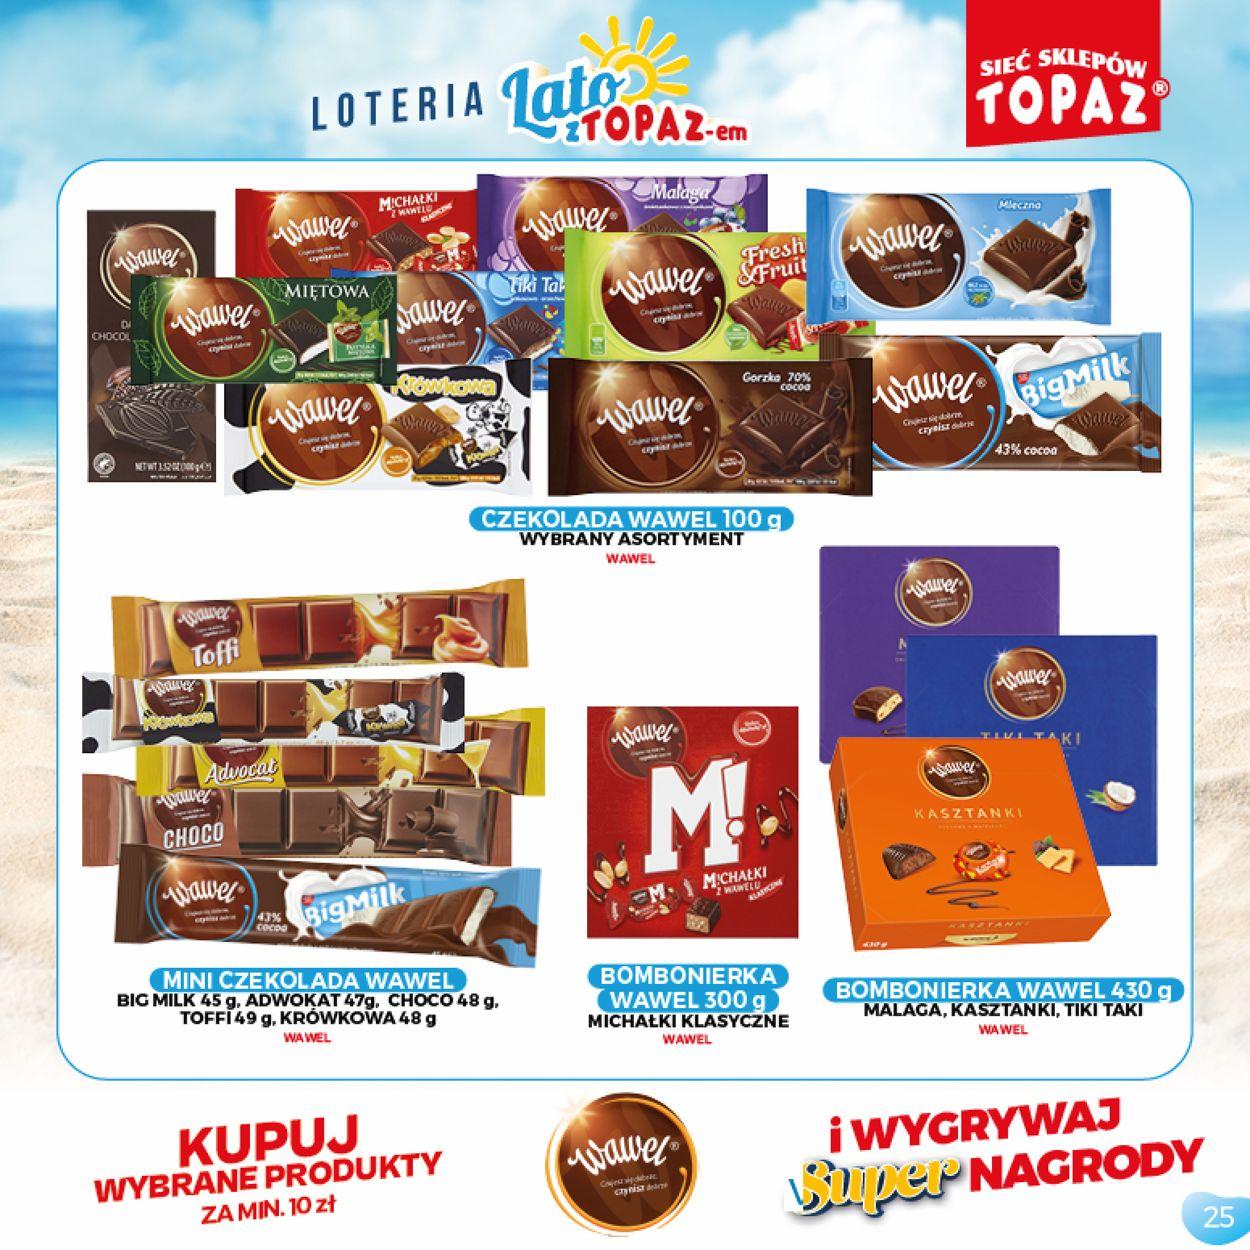 Gazetka promocyjna Topaz - 05.07-05.09.2021 (Strona 25)